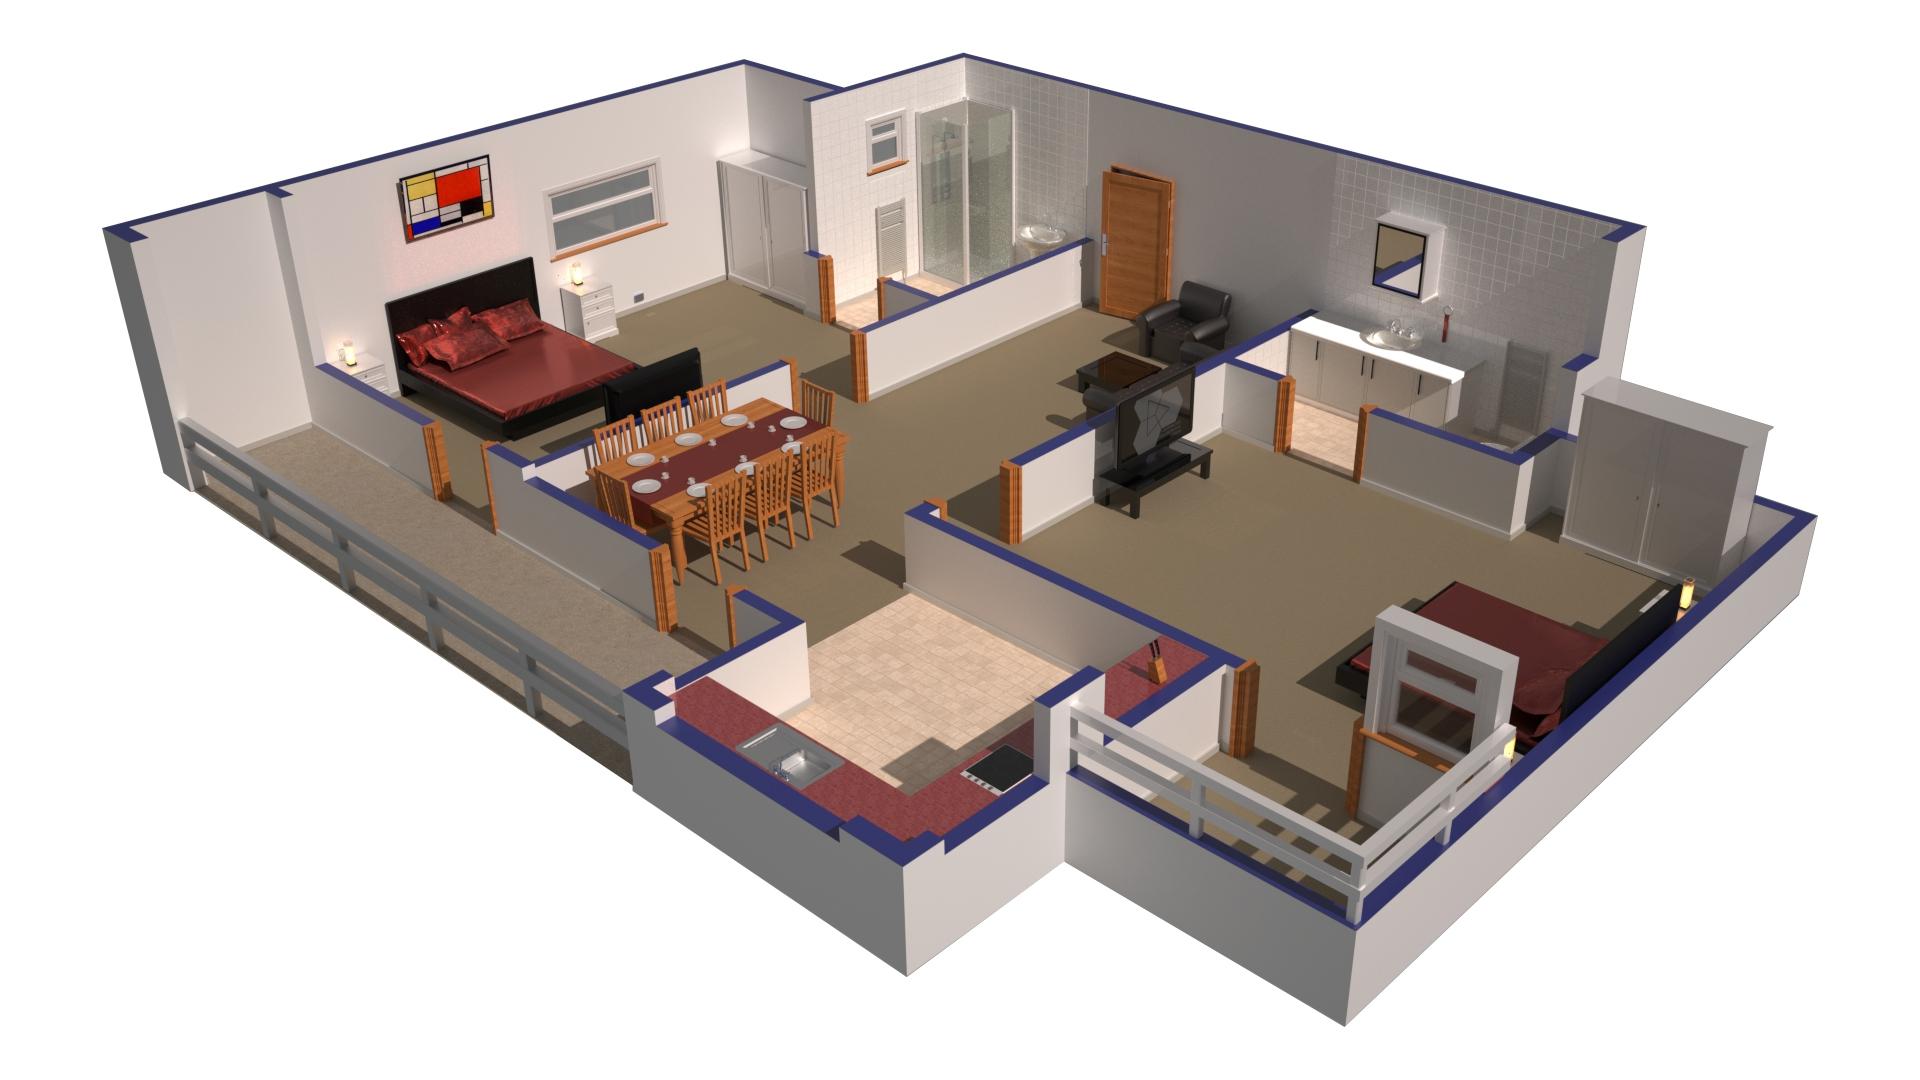 hive-rd-house-floorplan-render